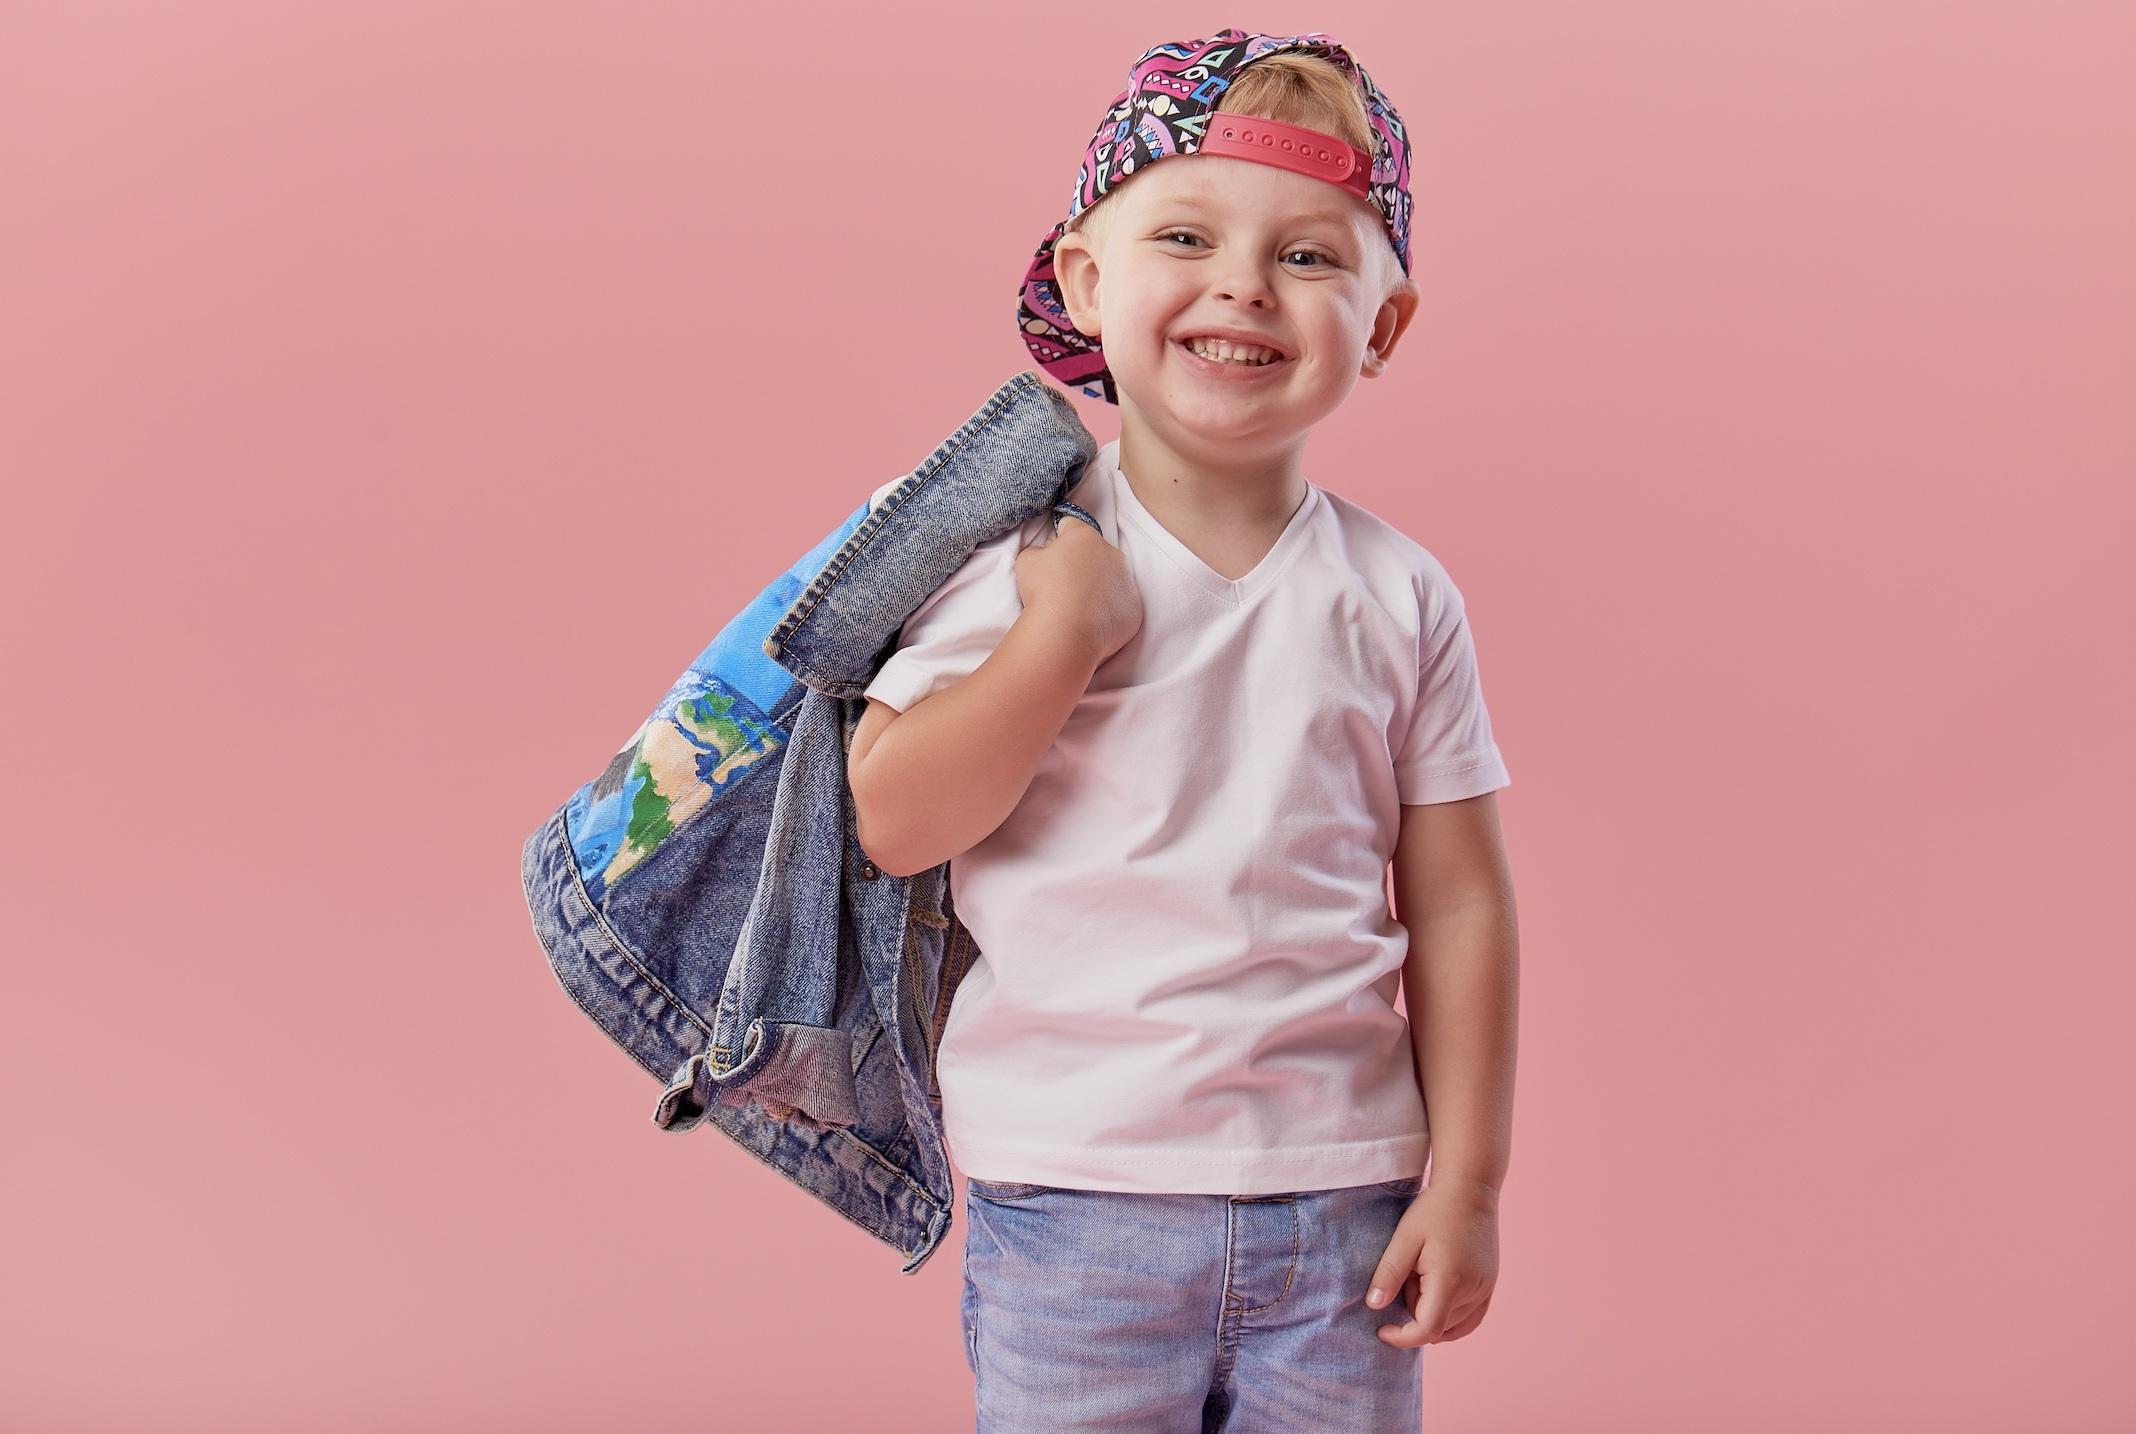 παιδικά καλοκαιρινά ρούχα